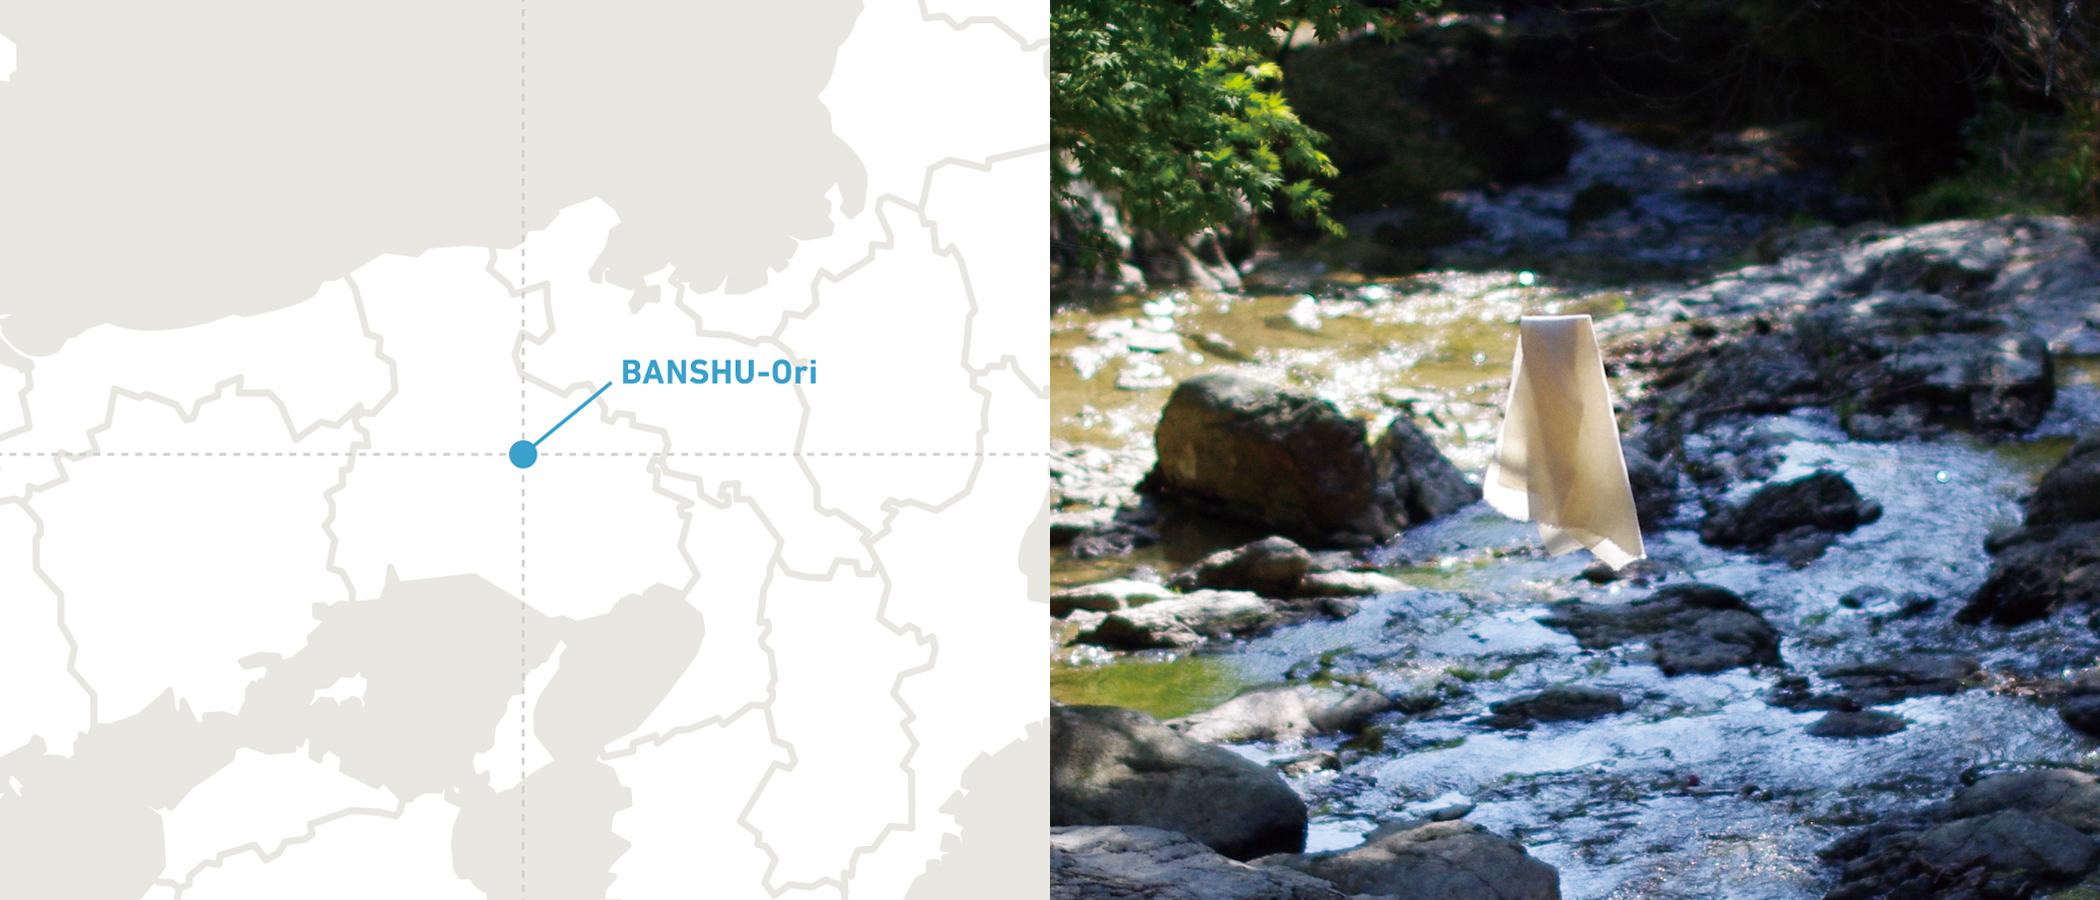 播州産地の地図